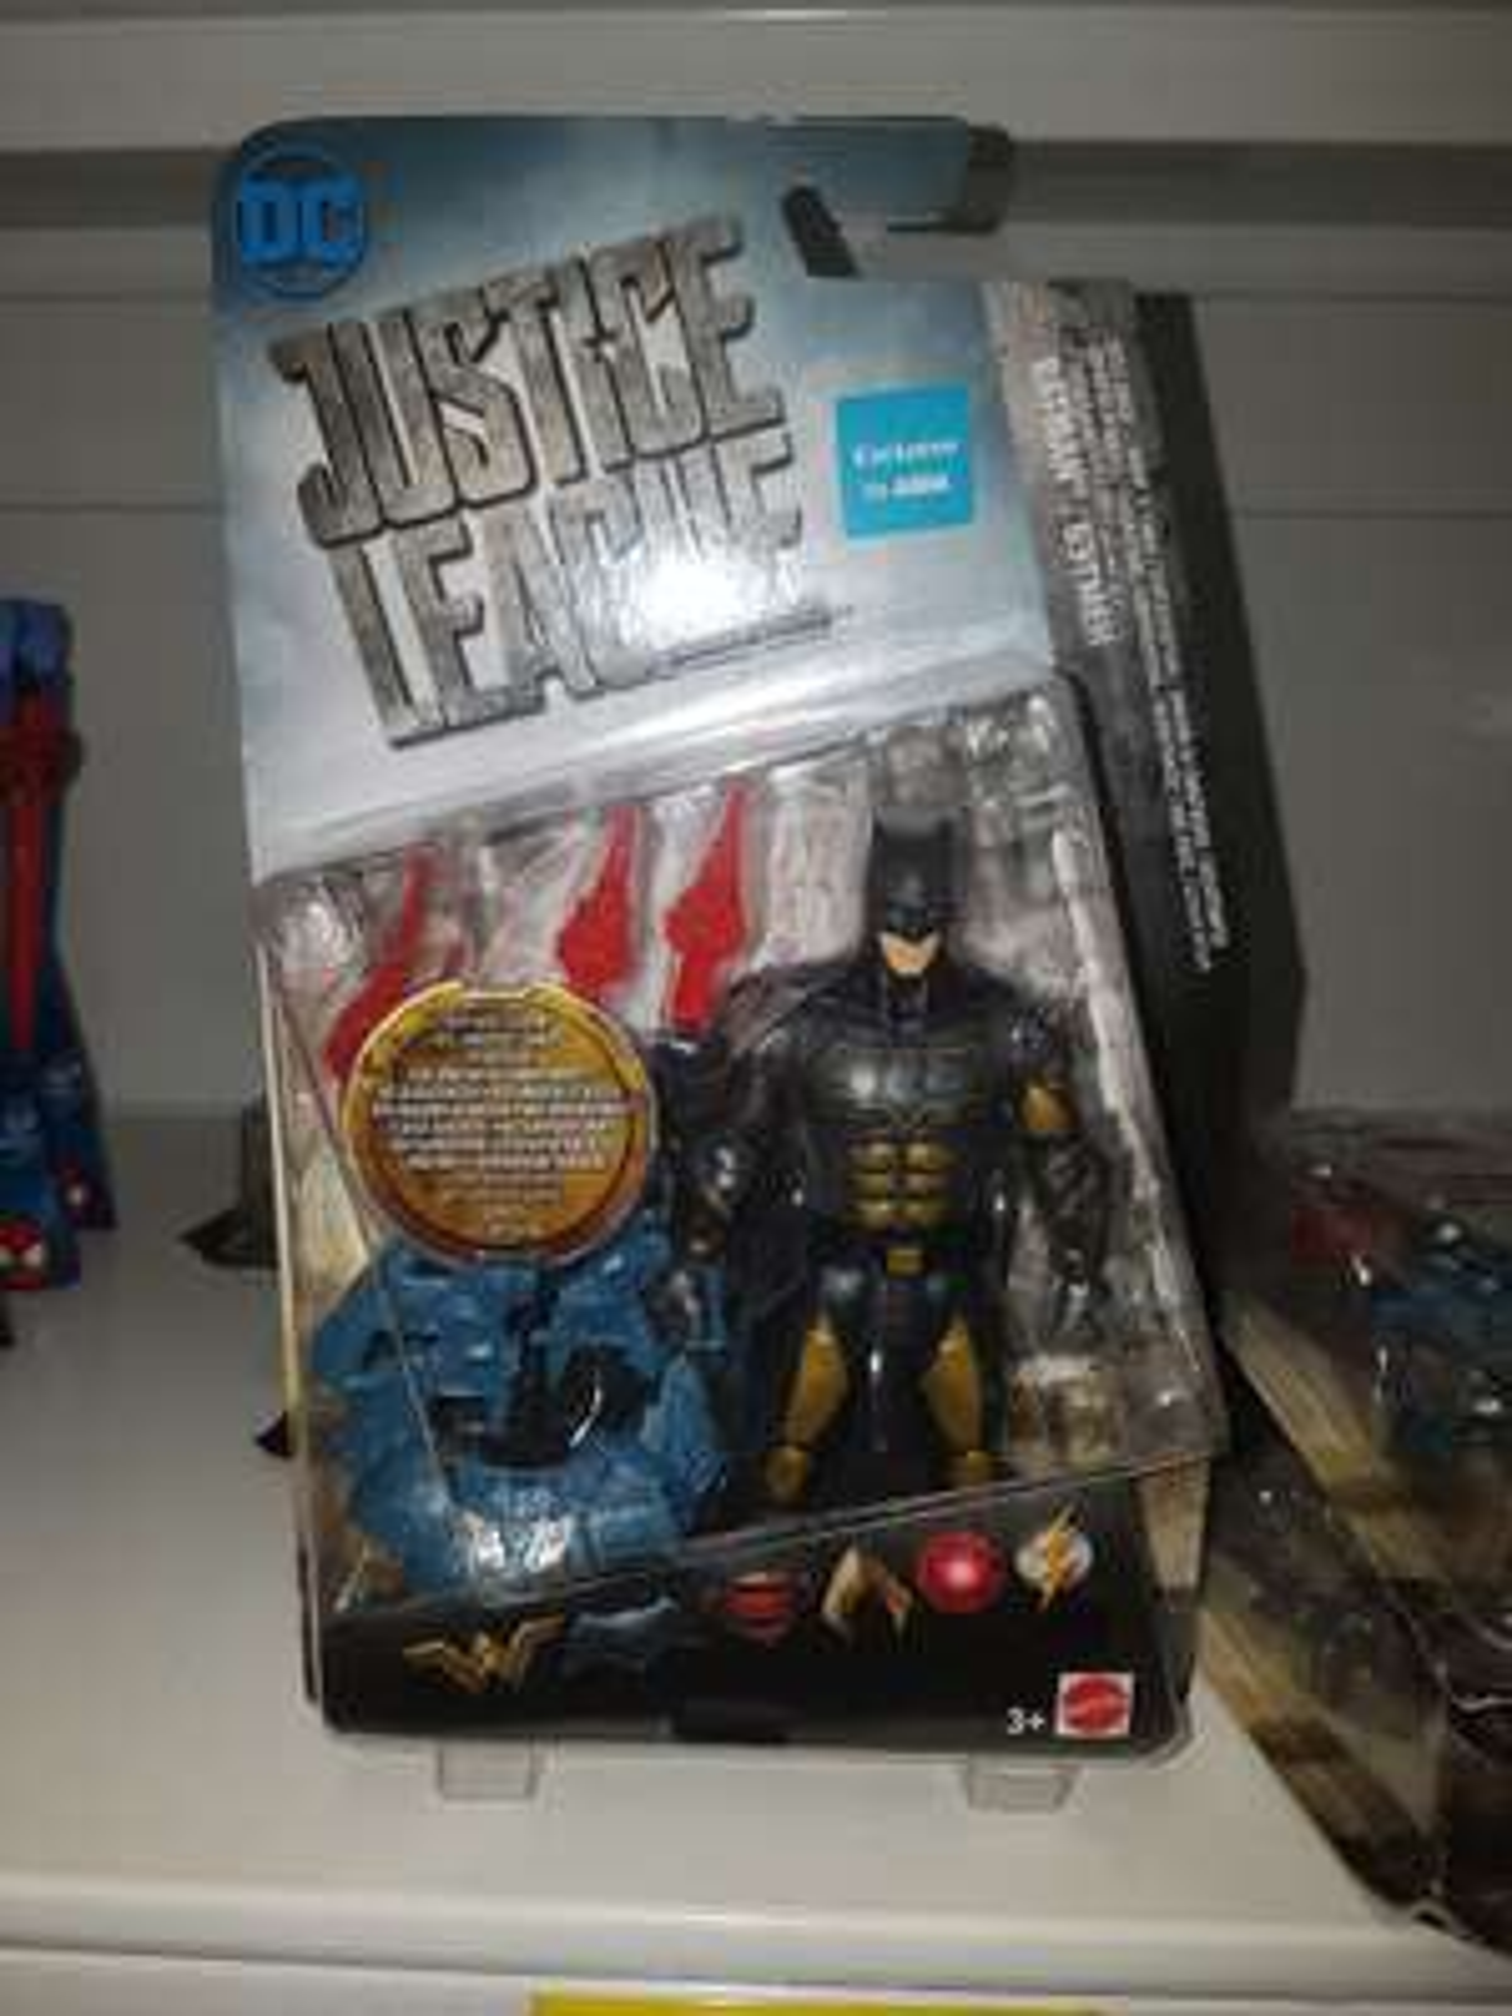 Justice league figure £3  instore @ asda hunts cross Liverpool